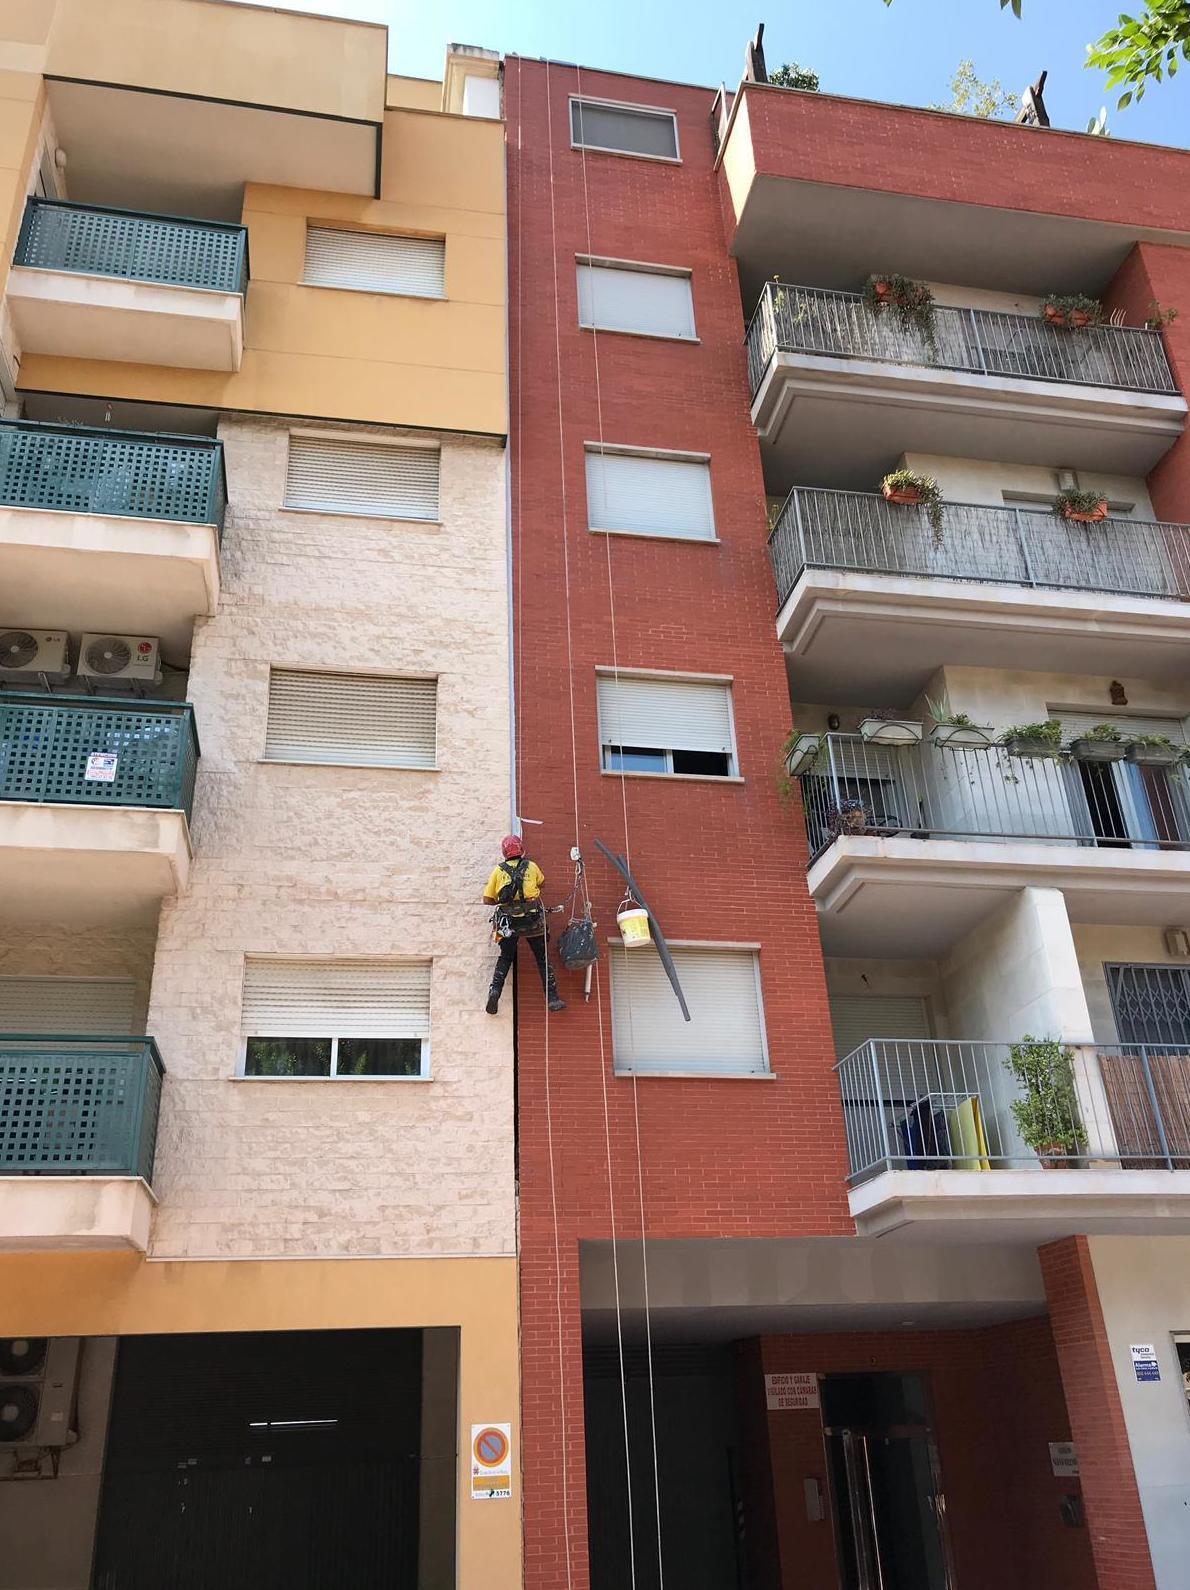 Foto 15 de Fachadas en Molina de Segura | Vertimur